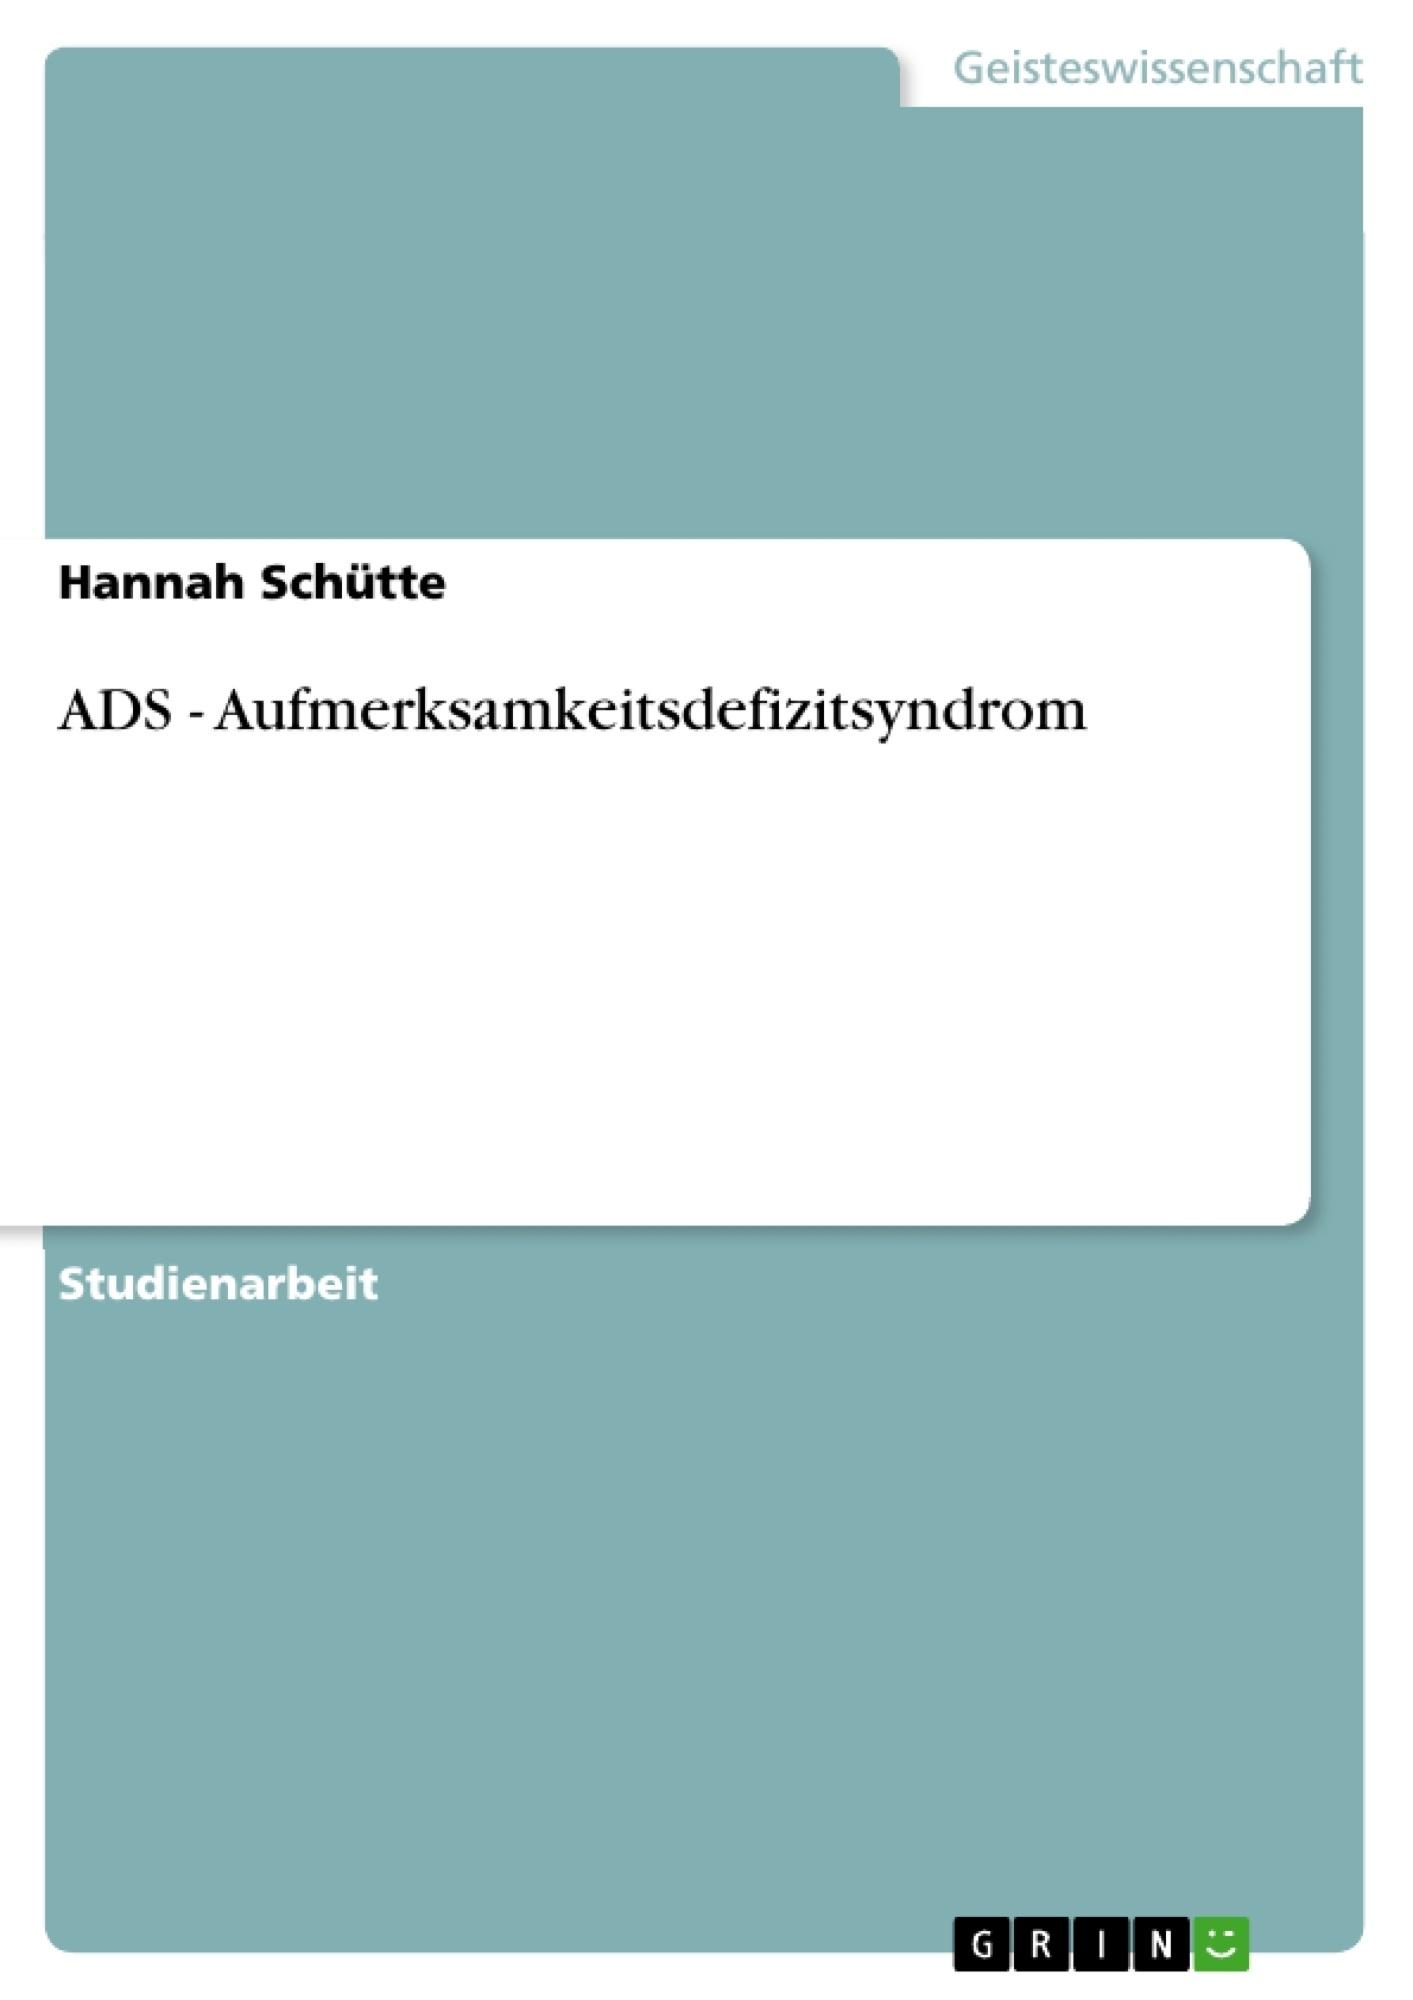 Titel: ADS - Aufmerksamkeitsdefizitsyndrom